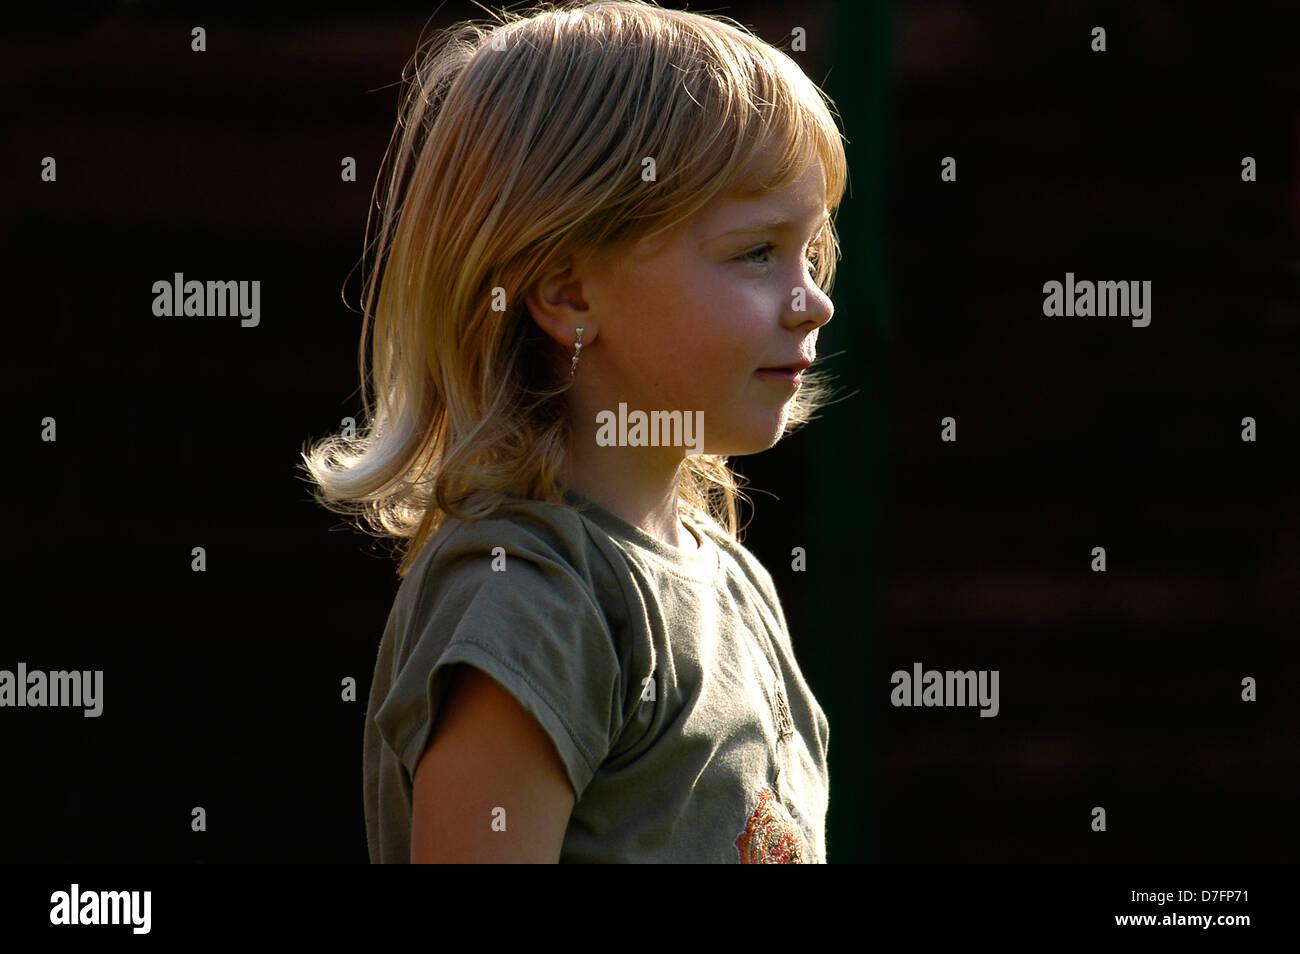 Girls, 5 years, portrait Stock Photo